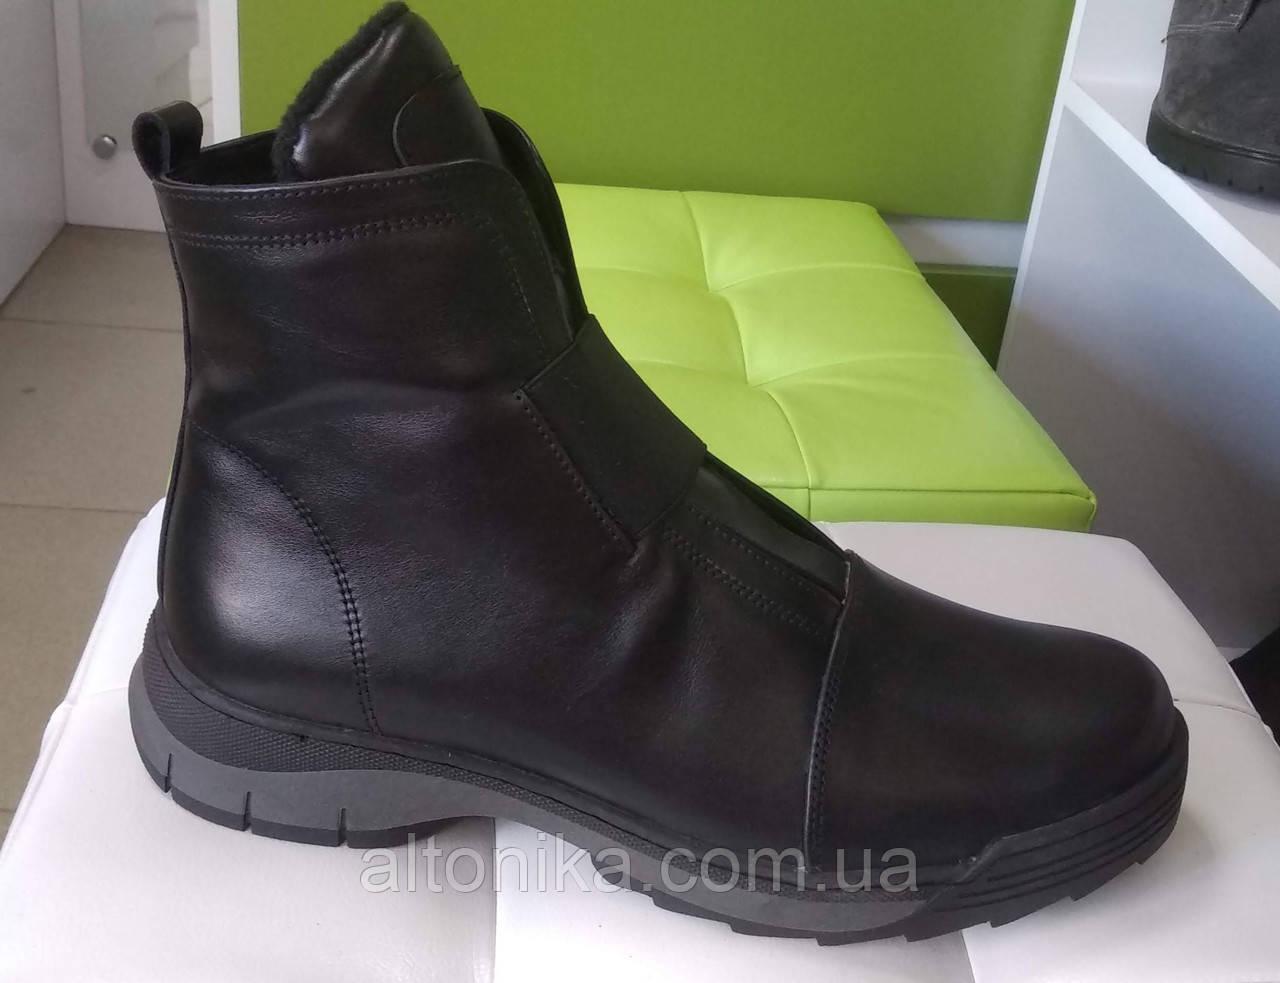 STTOPA 42р зима! Размеры 41-43!Ботинки из натуральной кожи больших размеров! С9-47-4143-4-3343